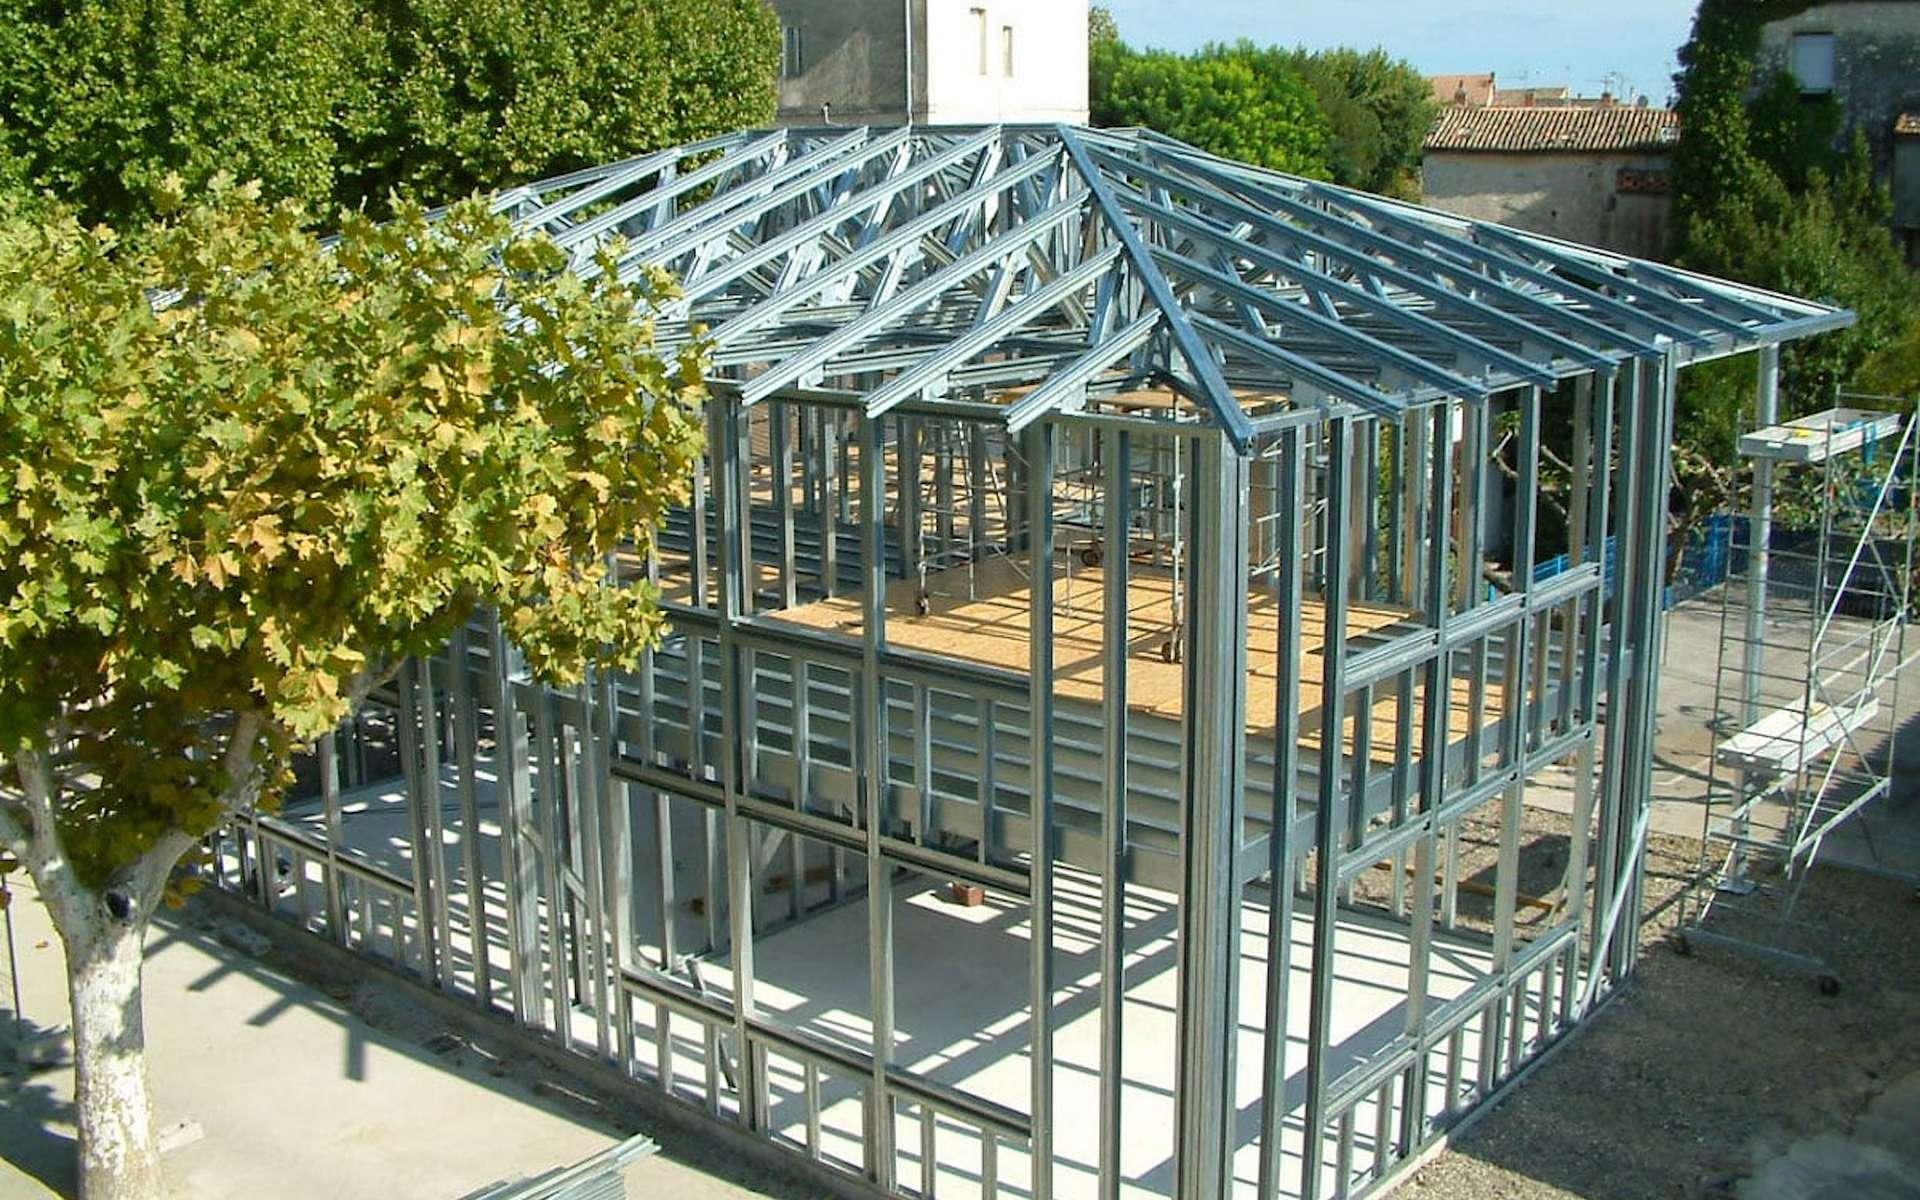 L'ossature métallique appliquée à la construction d'une maison individuelle de grande superficie et à étage. © Masfer